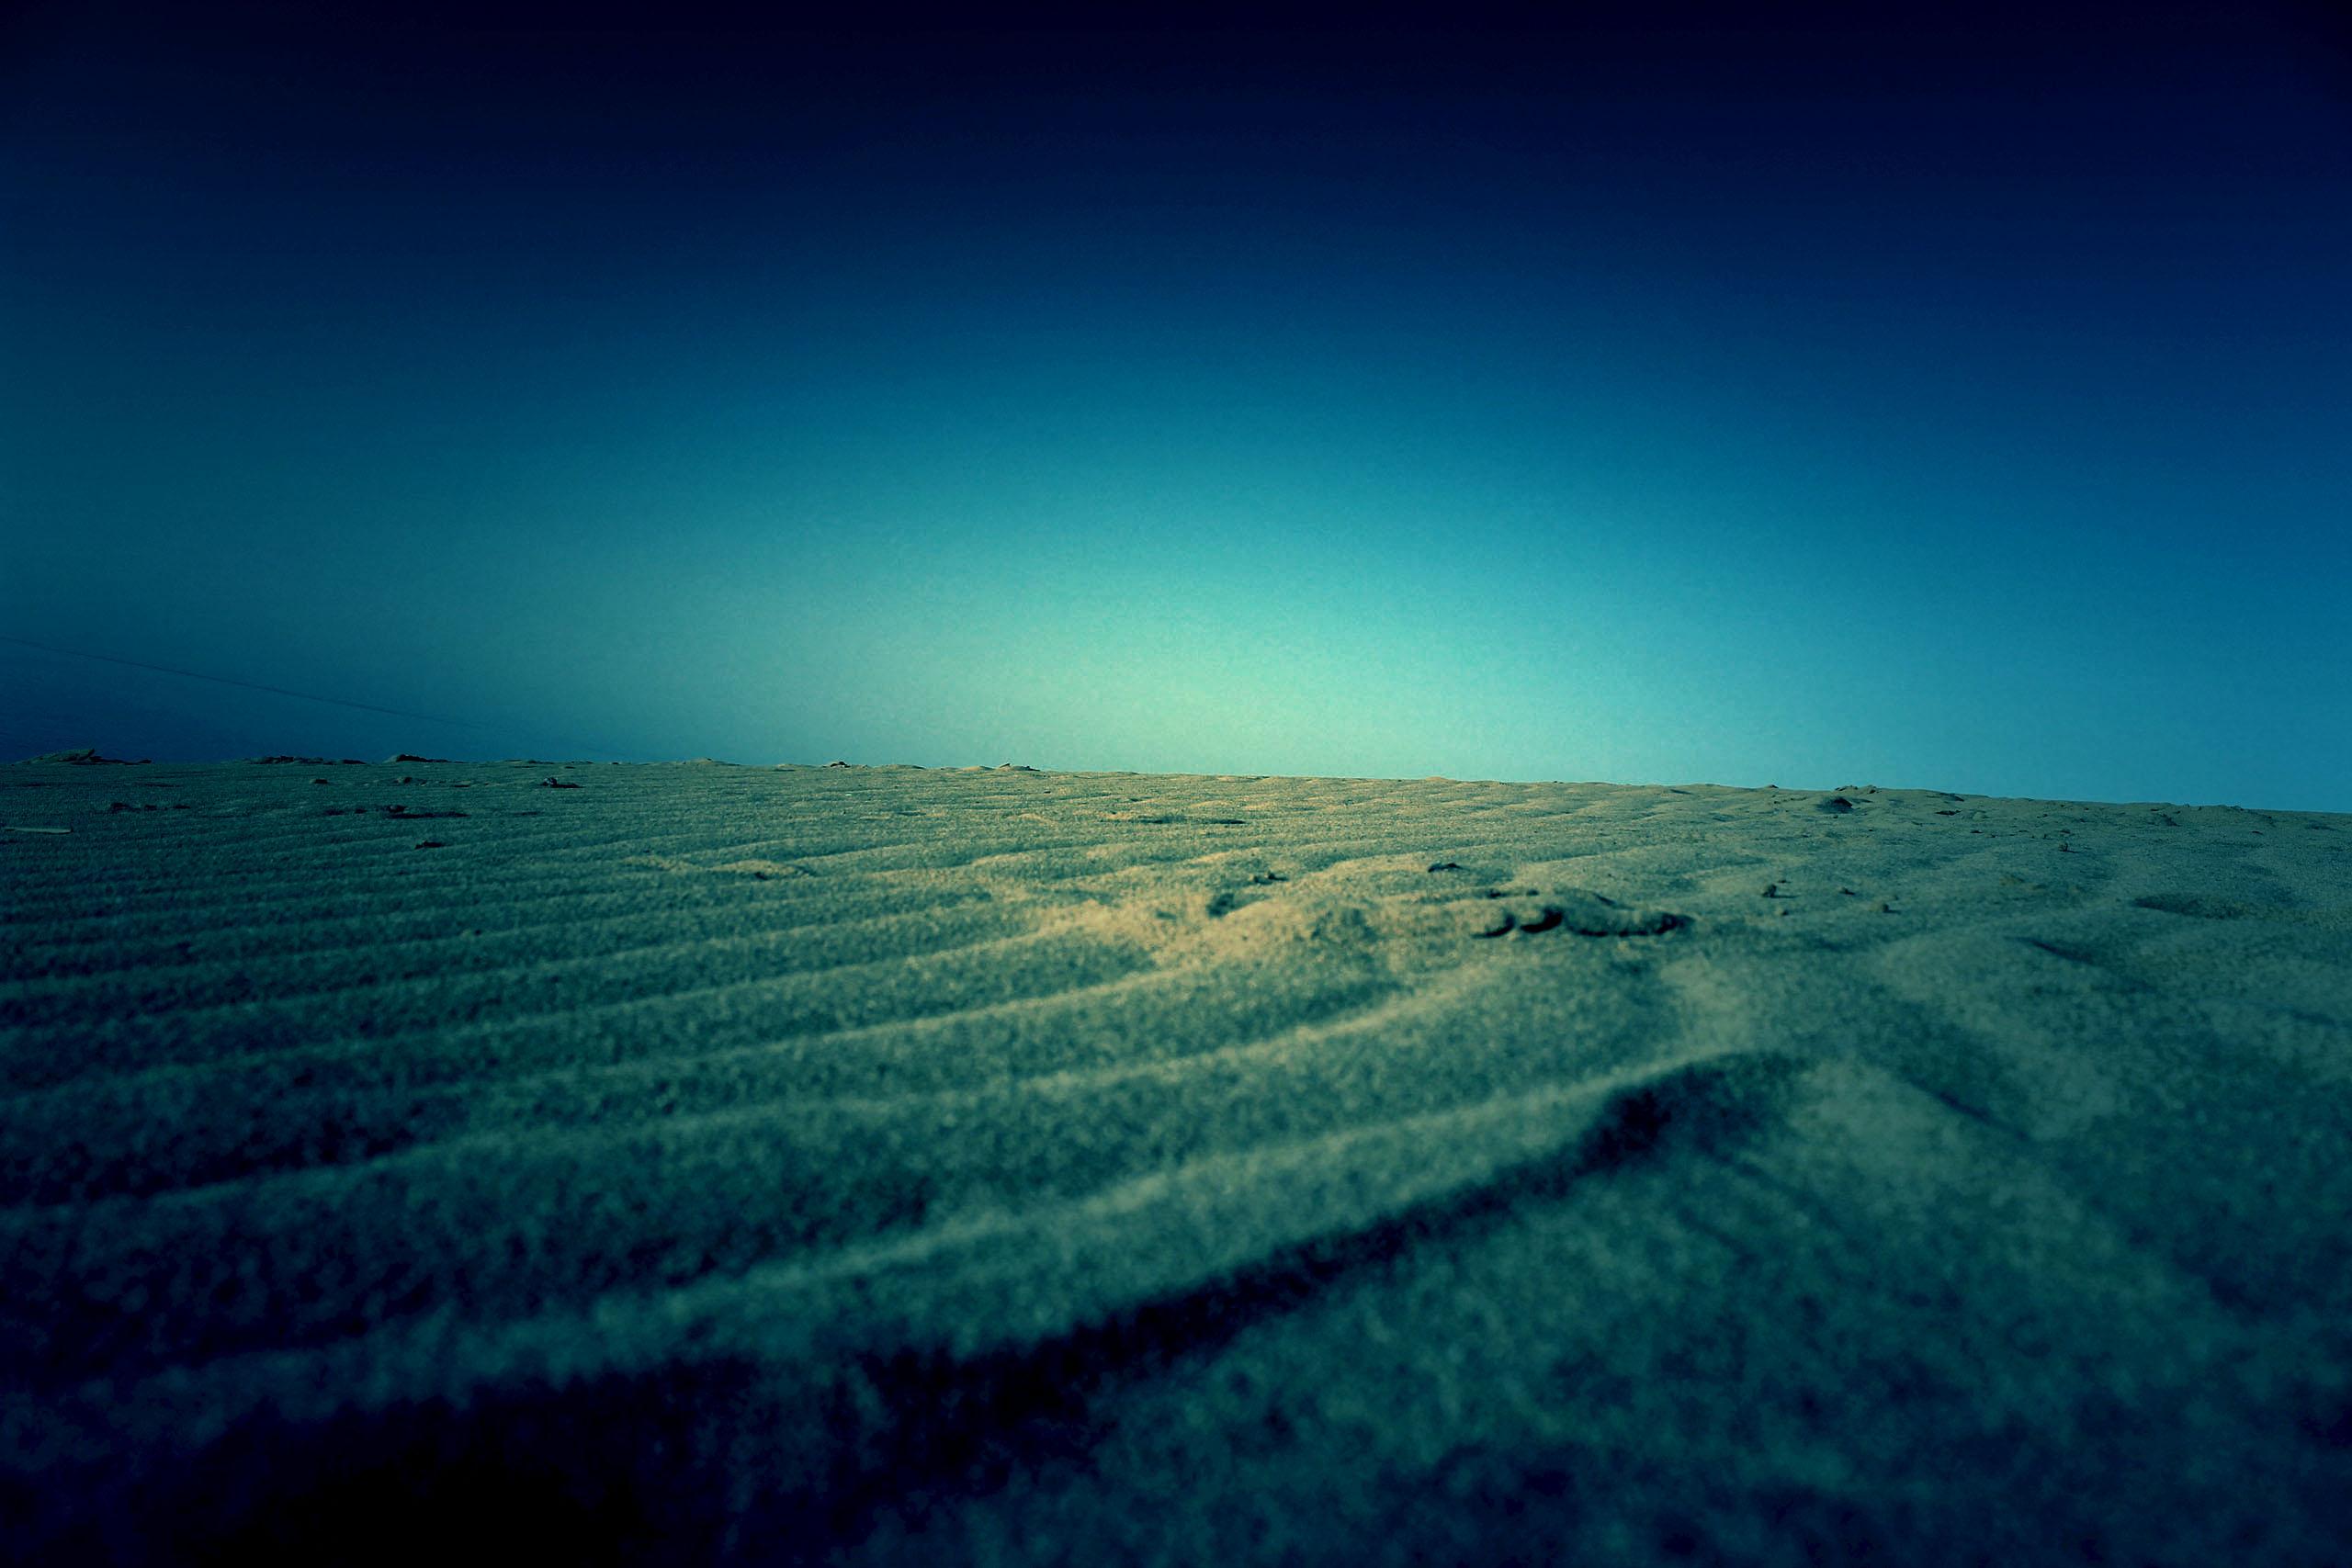 草原,砂漠,アウトドア,屋外,夏,晴れ,ホラー